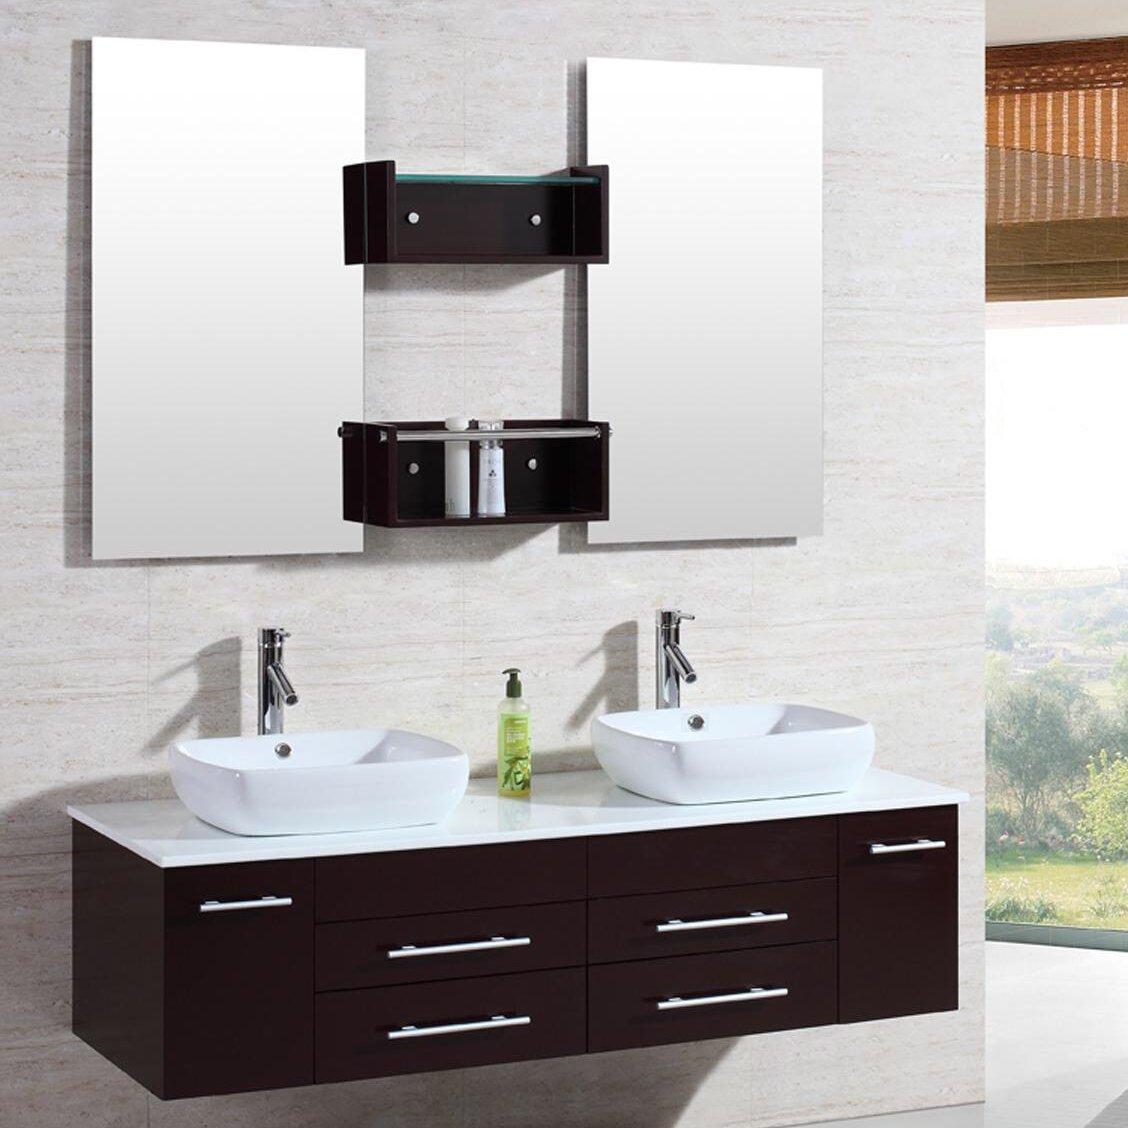 Double Kokols Bathroom Vanities You Ll Love In 2021 Wayfair